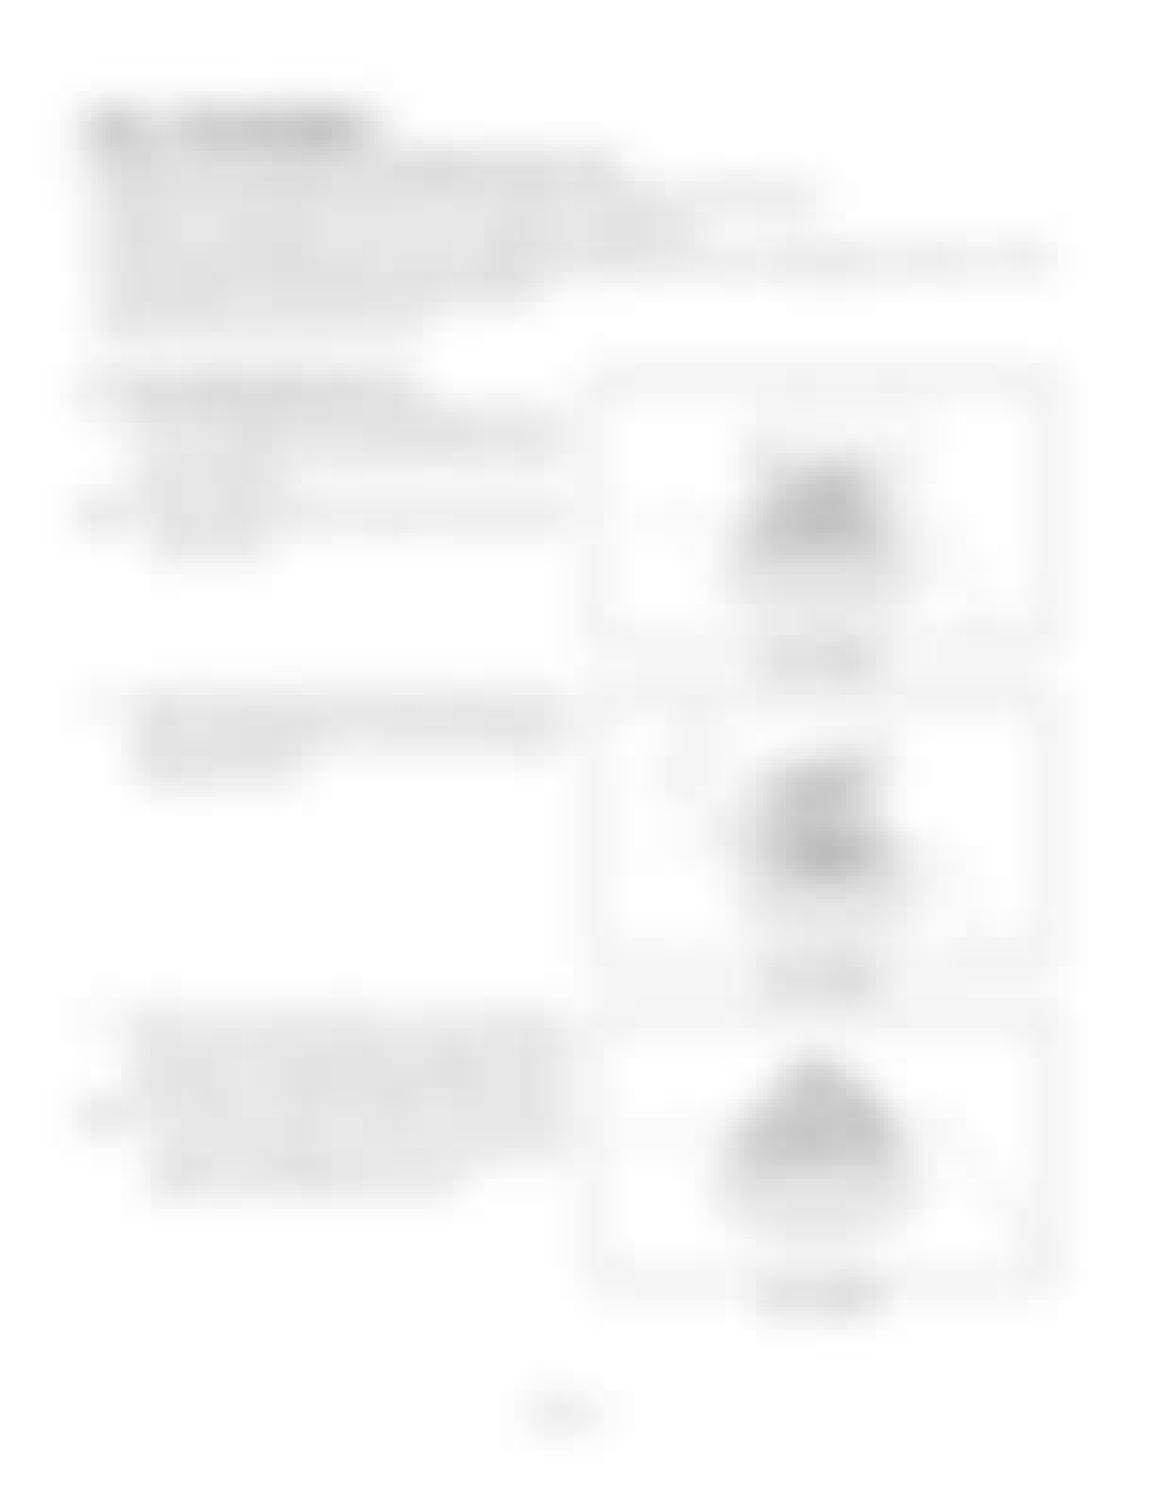 Hitachi LX110-7 LX130-7 LX160-7 LX190-7 LX230-7 Wheel Loader Workshop Manual - PDF DOWNLOAD page 198